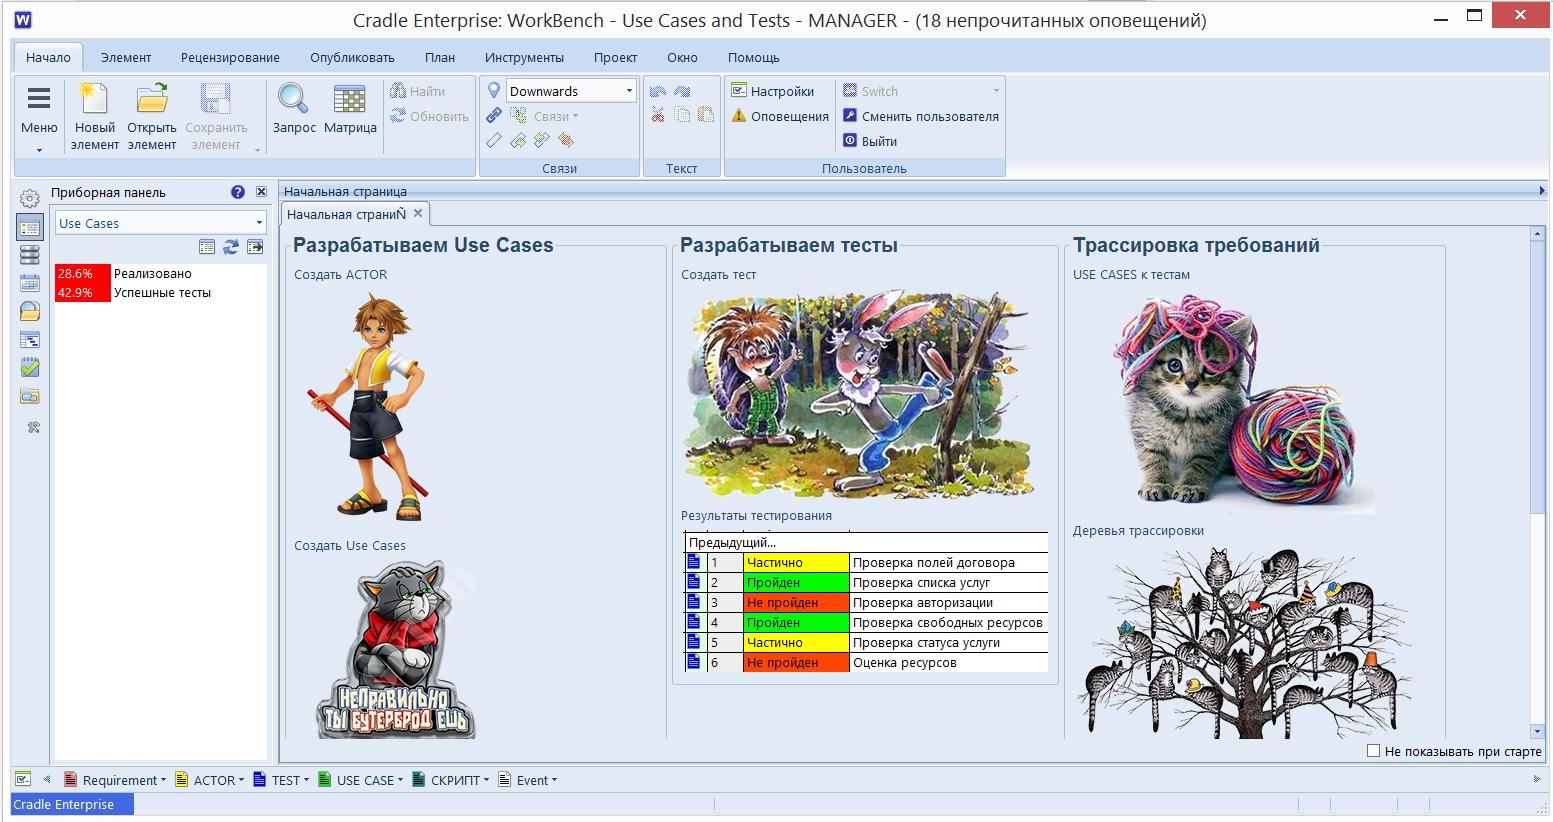 Пример стартовой страницы проекта, в котором работа построена вокруг Use Cases